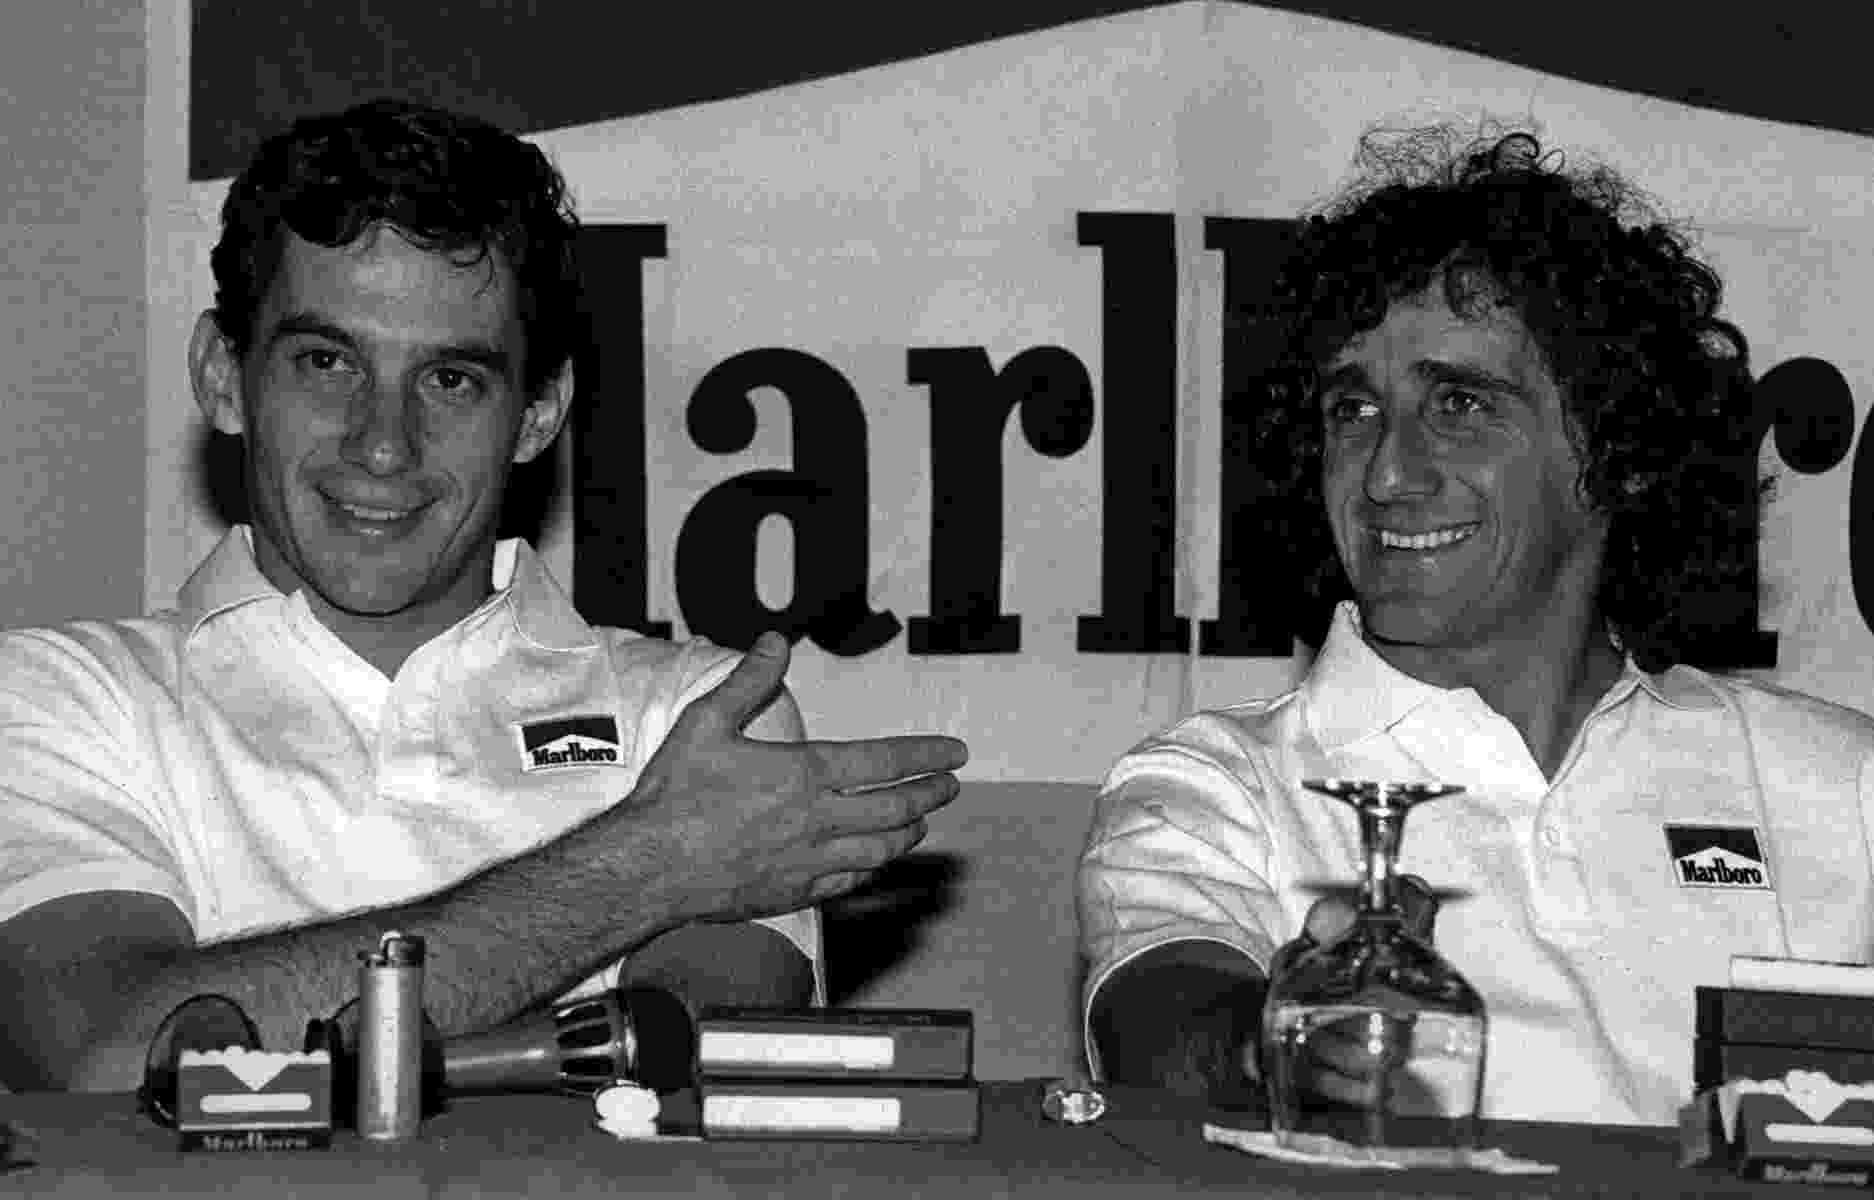 A dupla Senna-Prost durou duas temporadas. Na primeira, a rivalidade surgiu, mas ainda era sadia. Senna venceu oito vezes, Prost ganhou sete. Em toda a temporada, os dois da foto aí em cima só não venceram uma corrida, o GP de Monza (o primeiro colocado foi Gerhard Berger, da Ferrari) - Divulgação